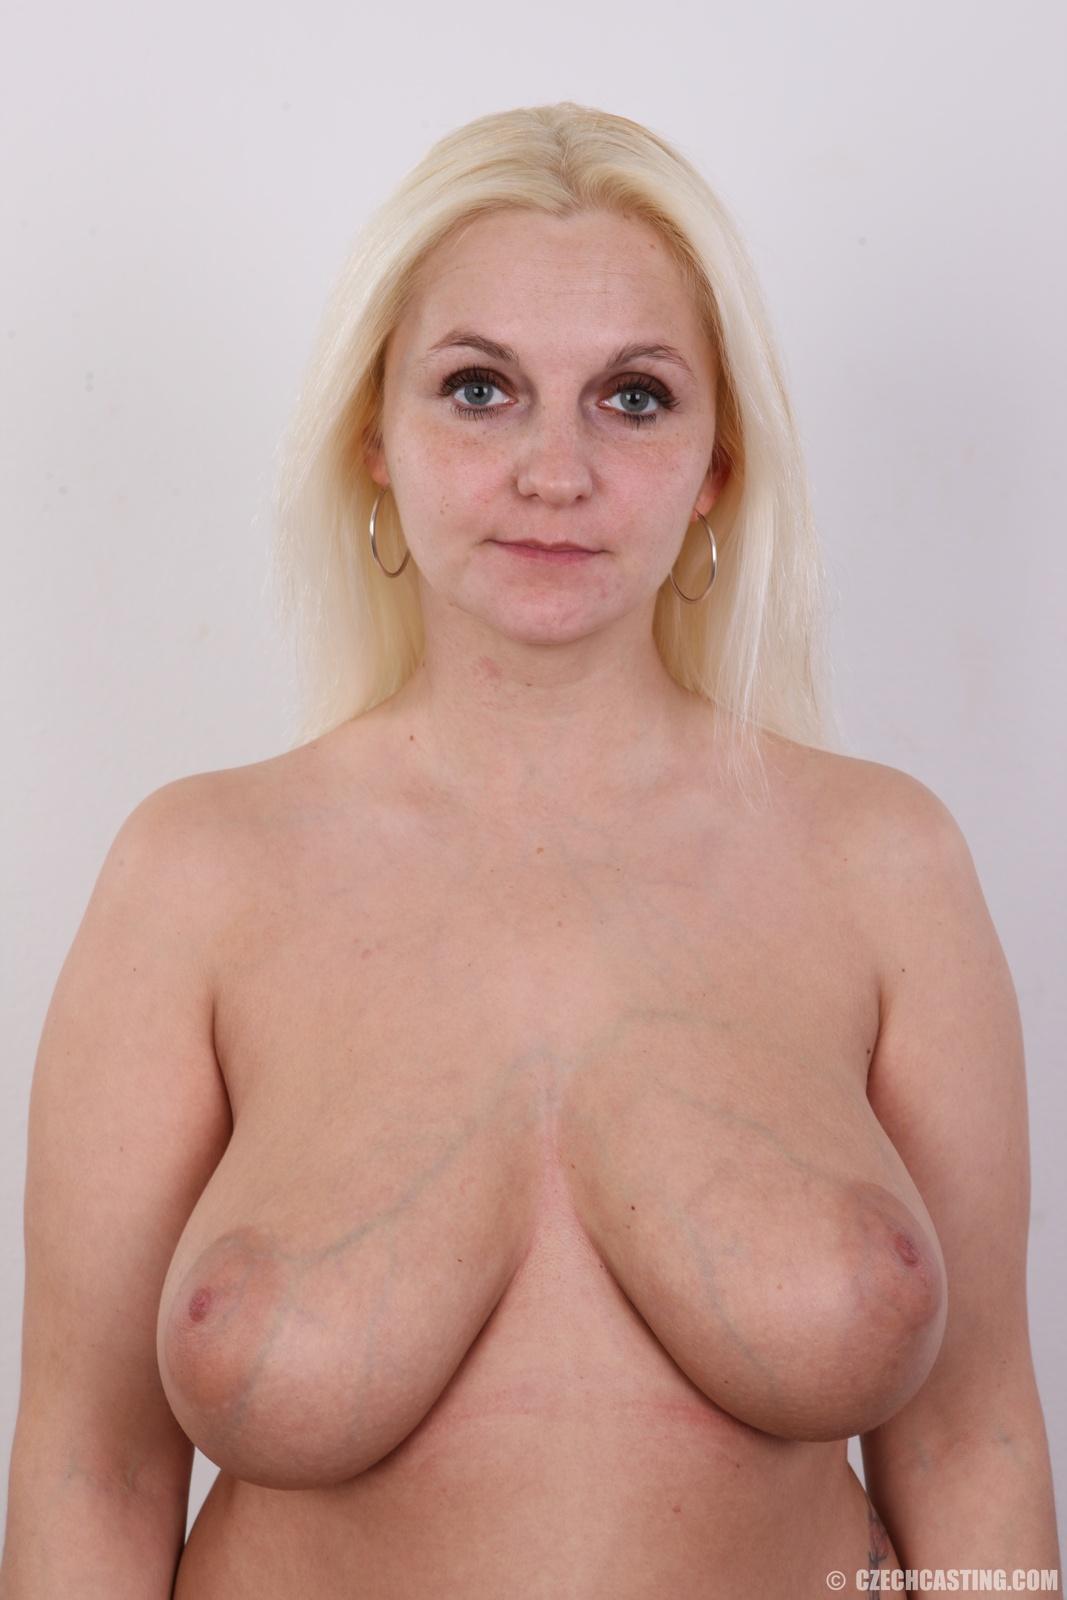 Фото молодых женщин с обвисшей грудью 25 фотография